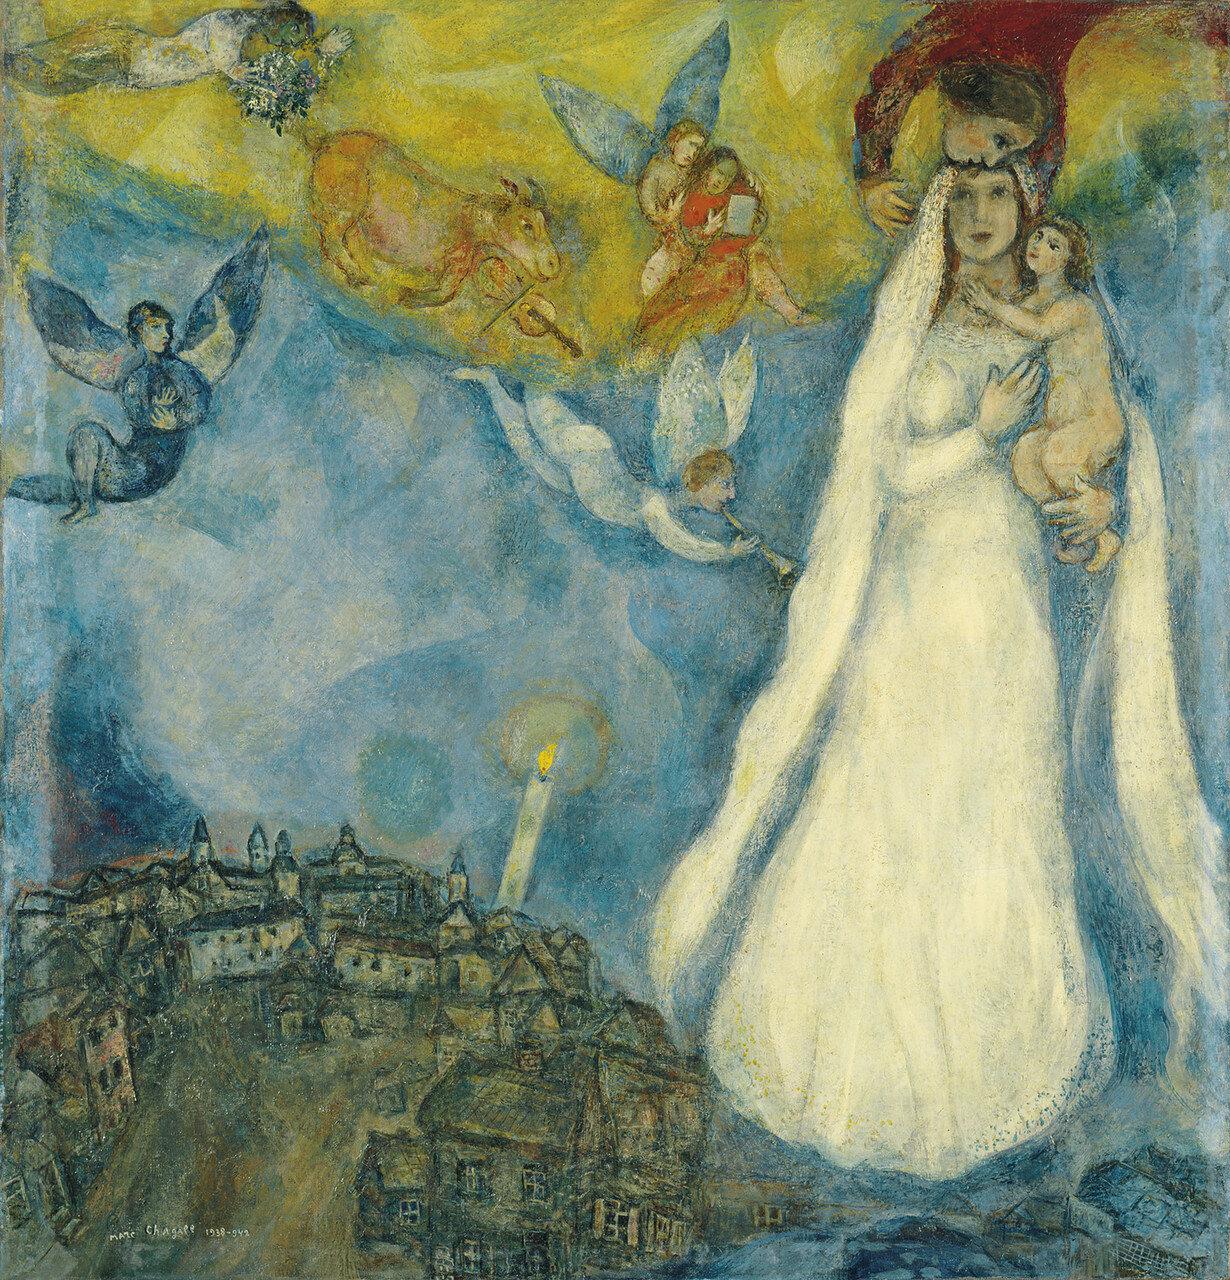 Шагал, Марк Захарович - Деревенская Мадонна, 1938-42, 102,5 cm x 98 cm, Холст, масло.jpg